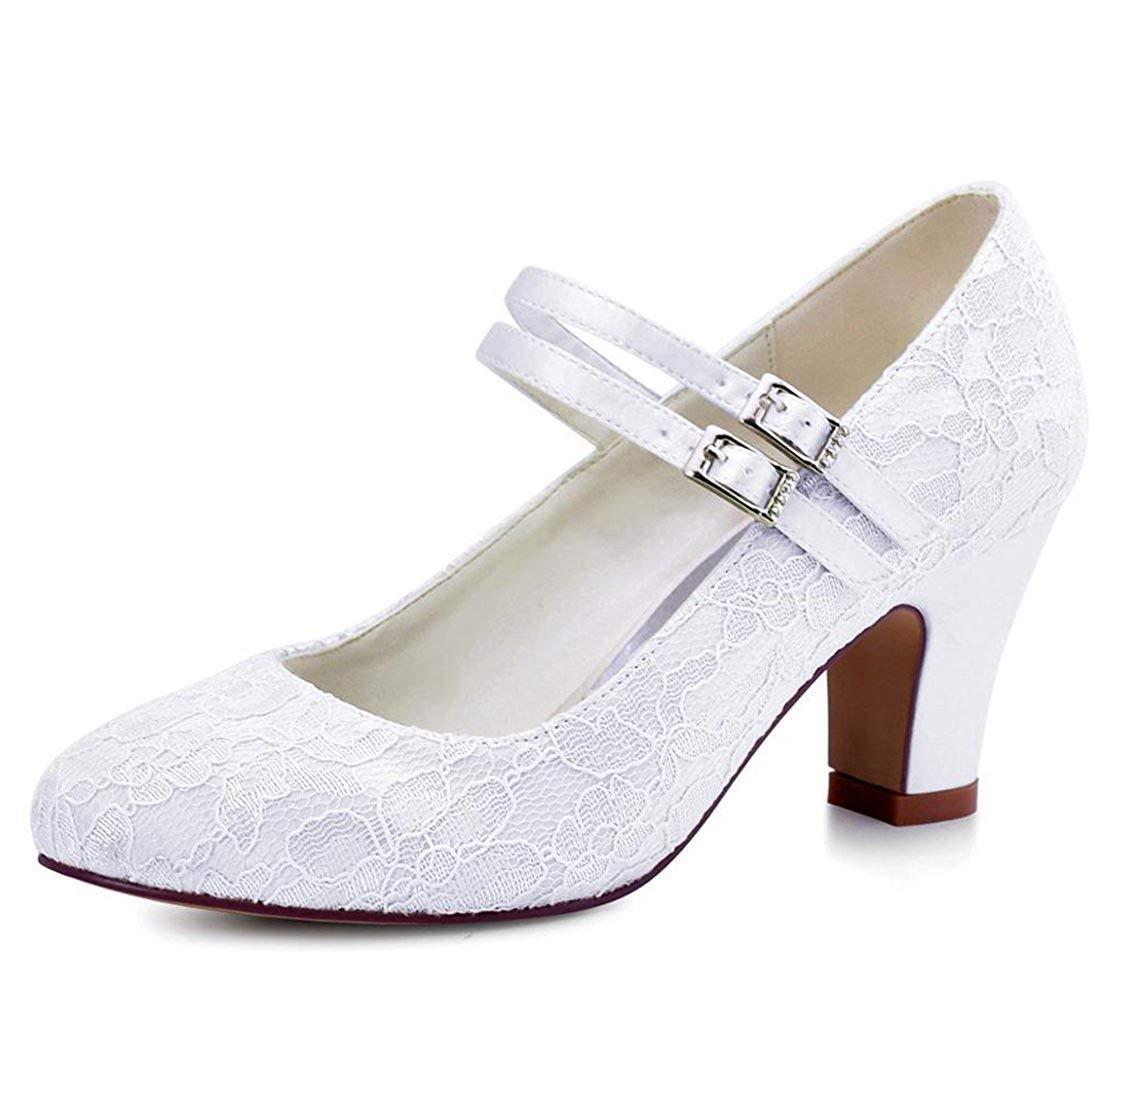 HhGold Damen-doppeltes Bügel-Med-Ferse-weiße Spitze-Hochzeits-Formale Schuhe Großbritannien 4 (Farbe   -, Größe   -)